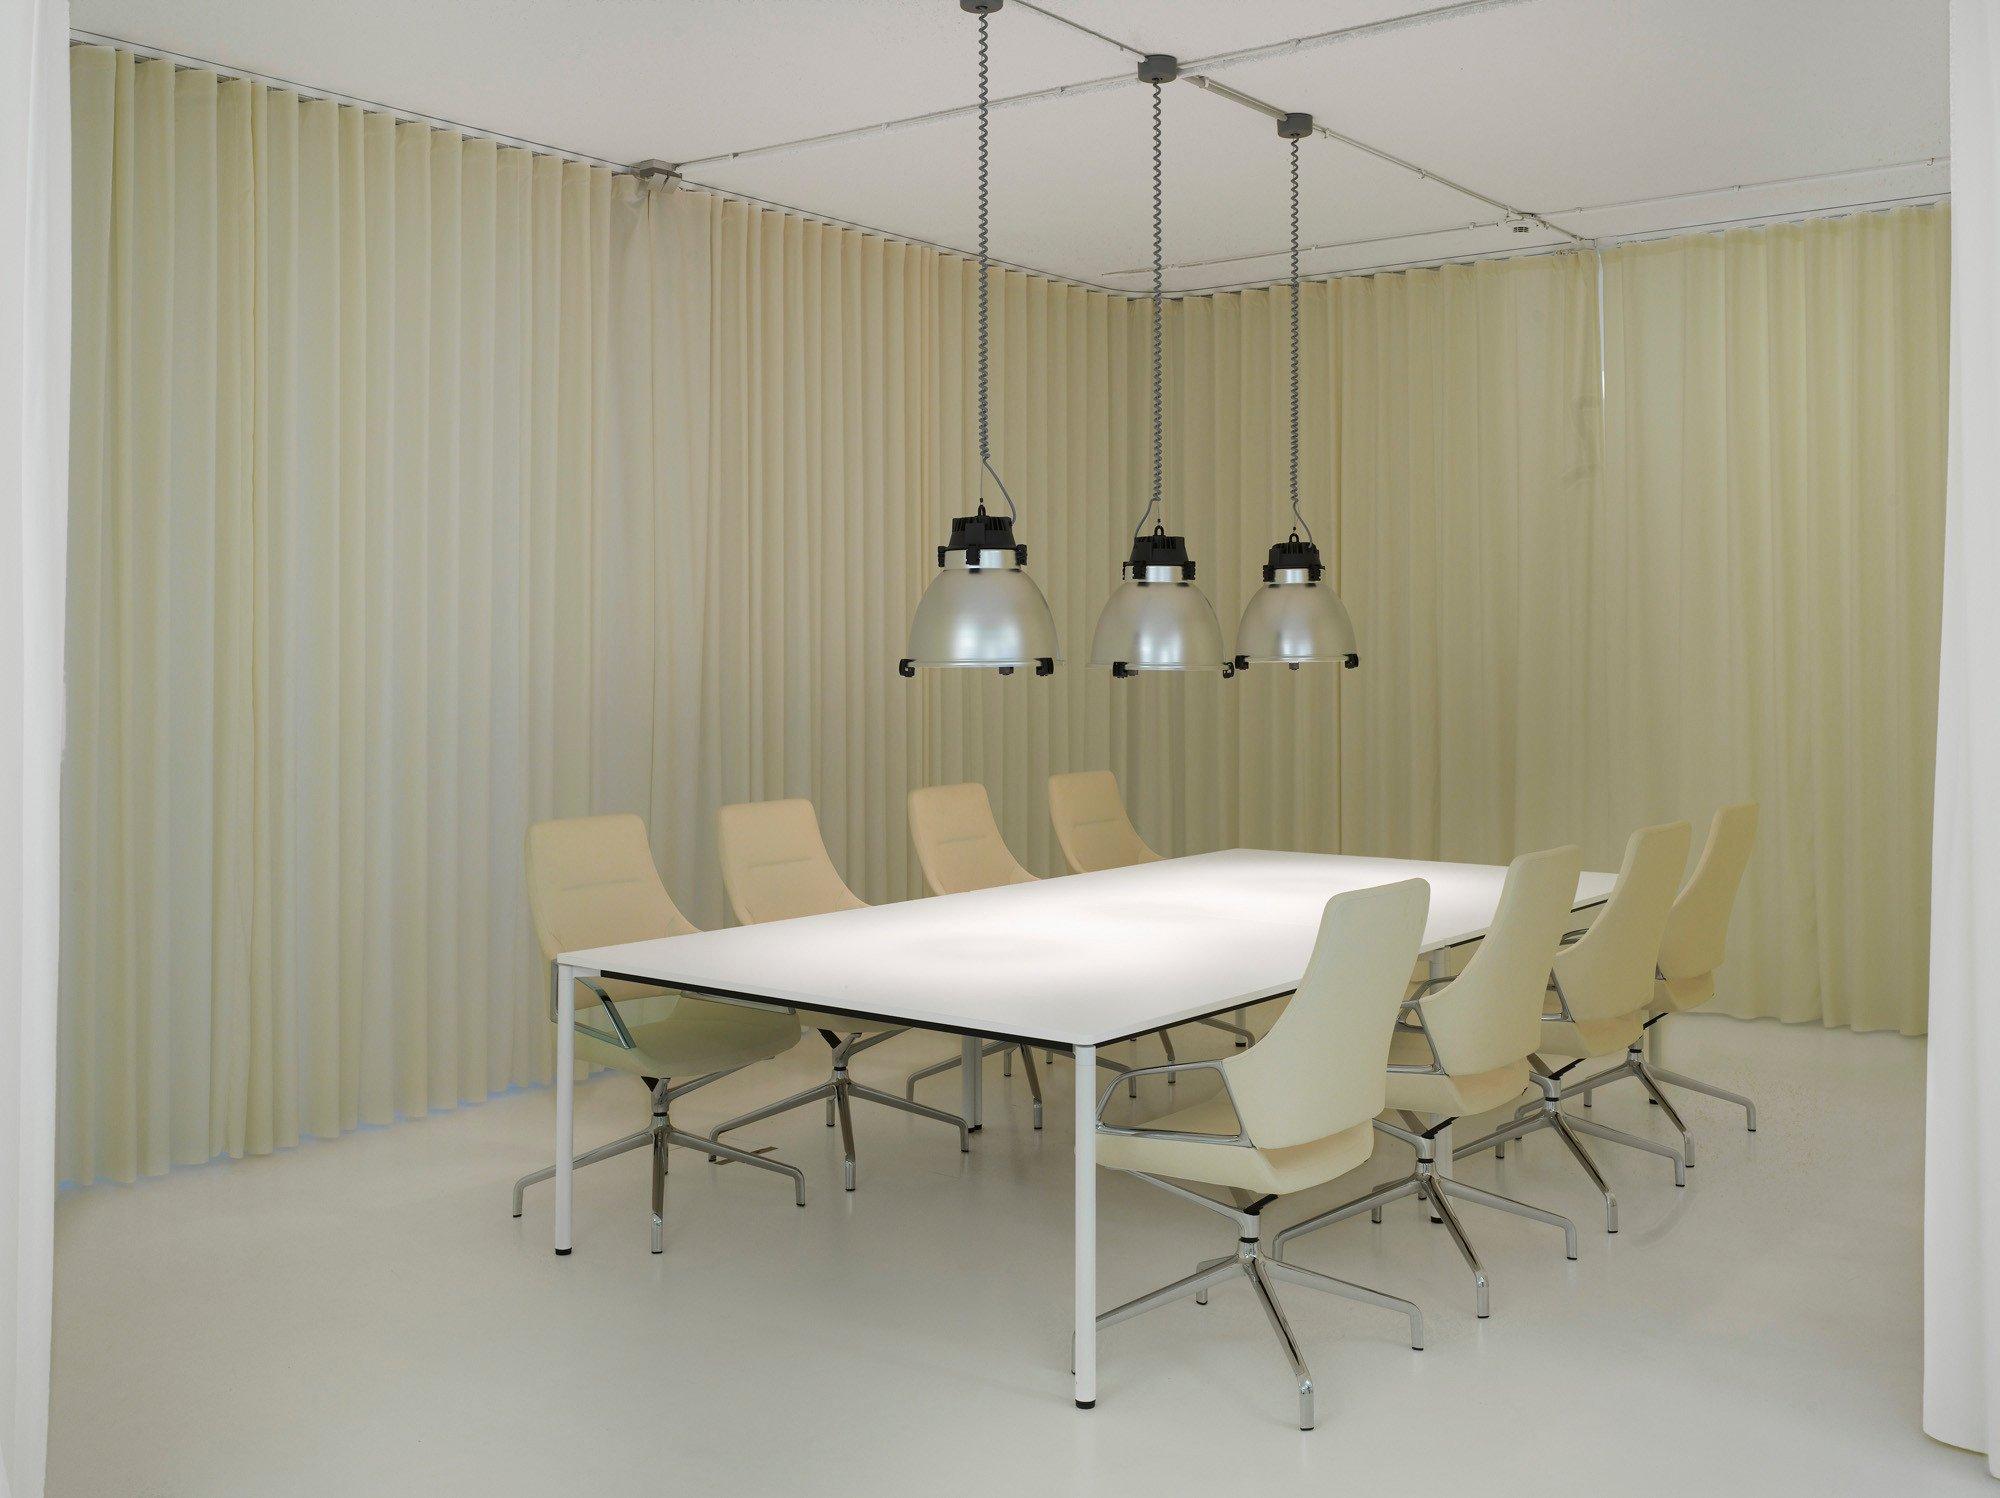 vorh nge f r b ro zuhause image idee. Black Bedroom Furniture Sets. Home Design Ideas